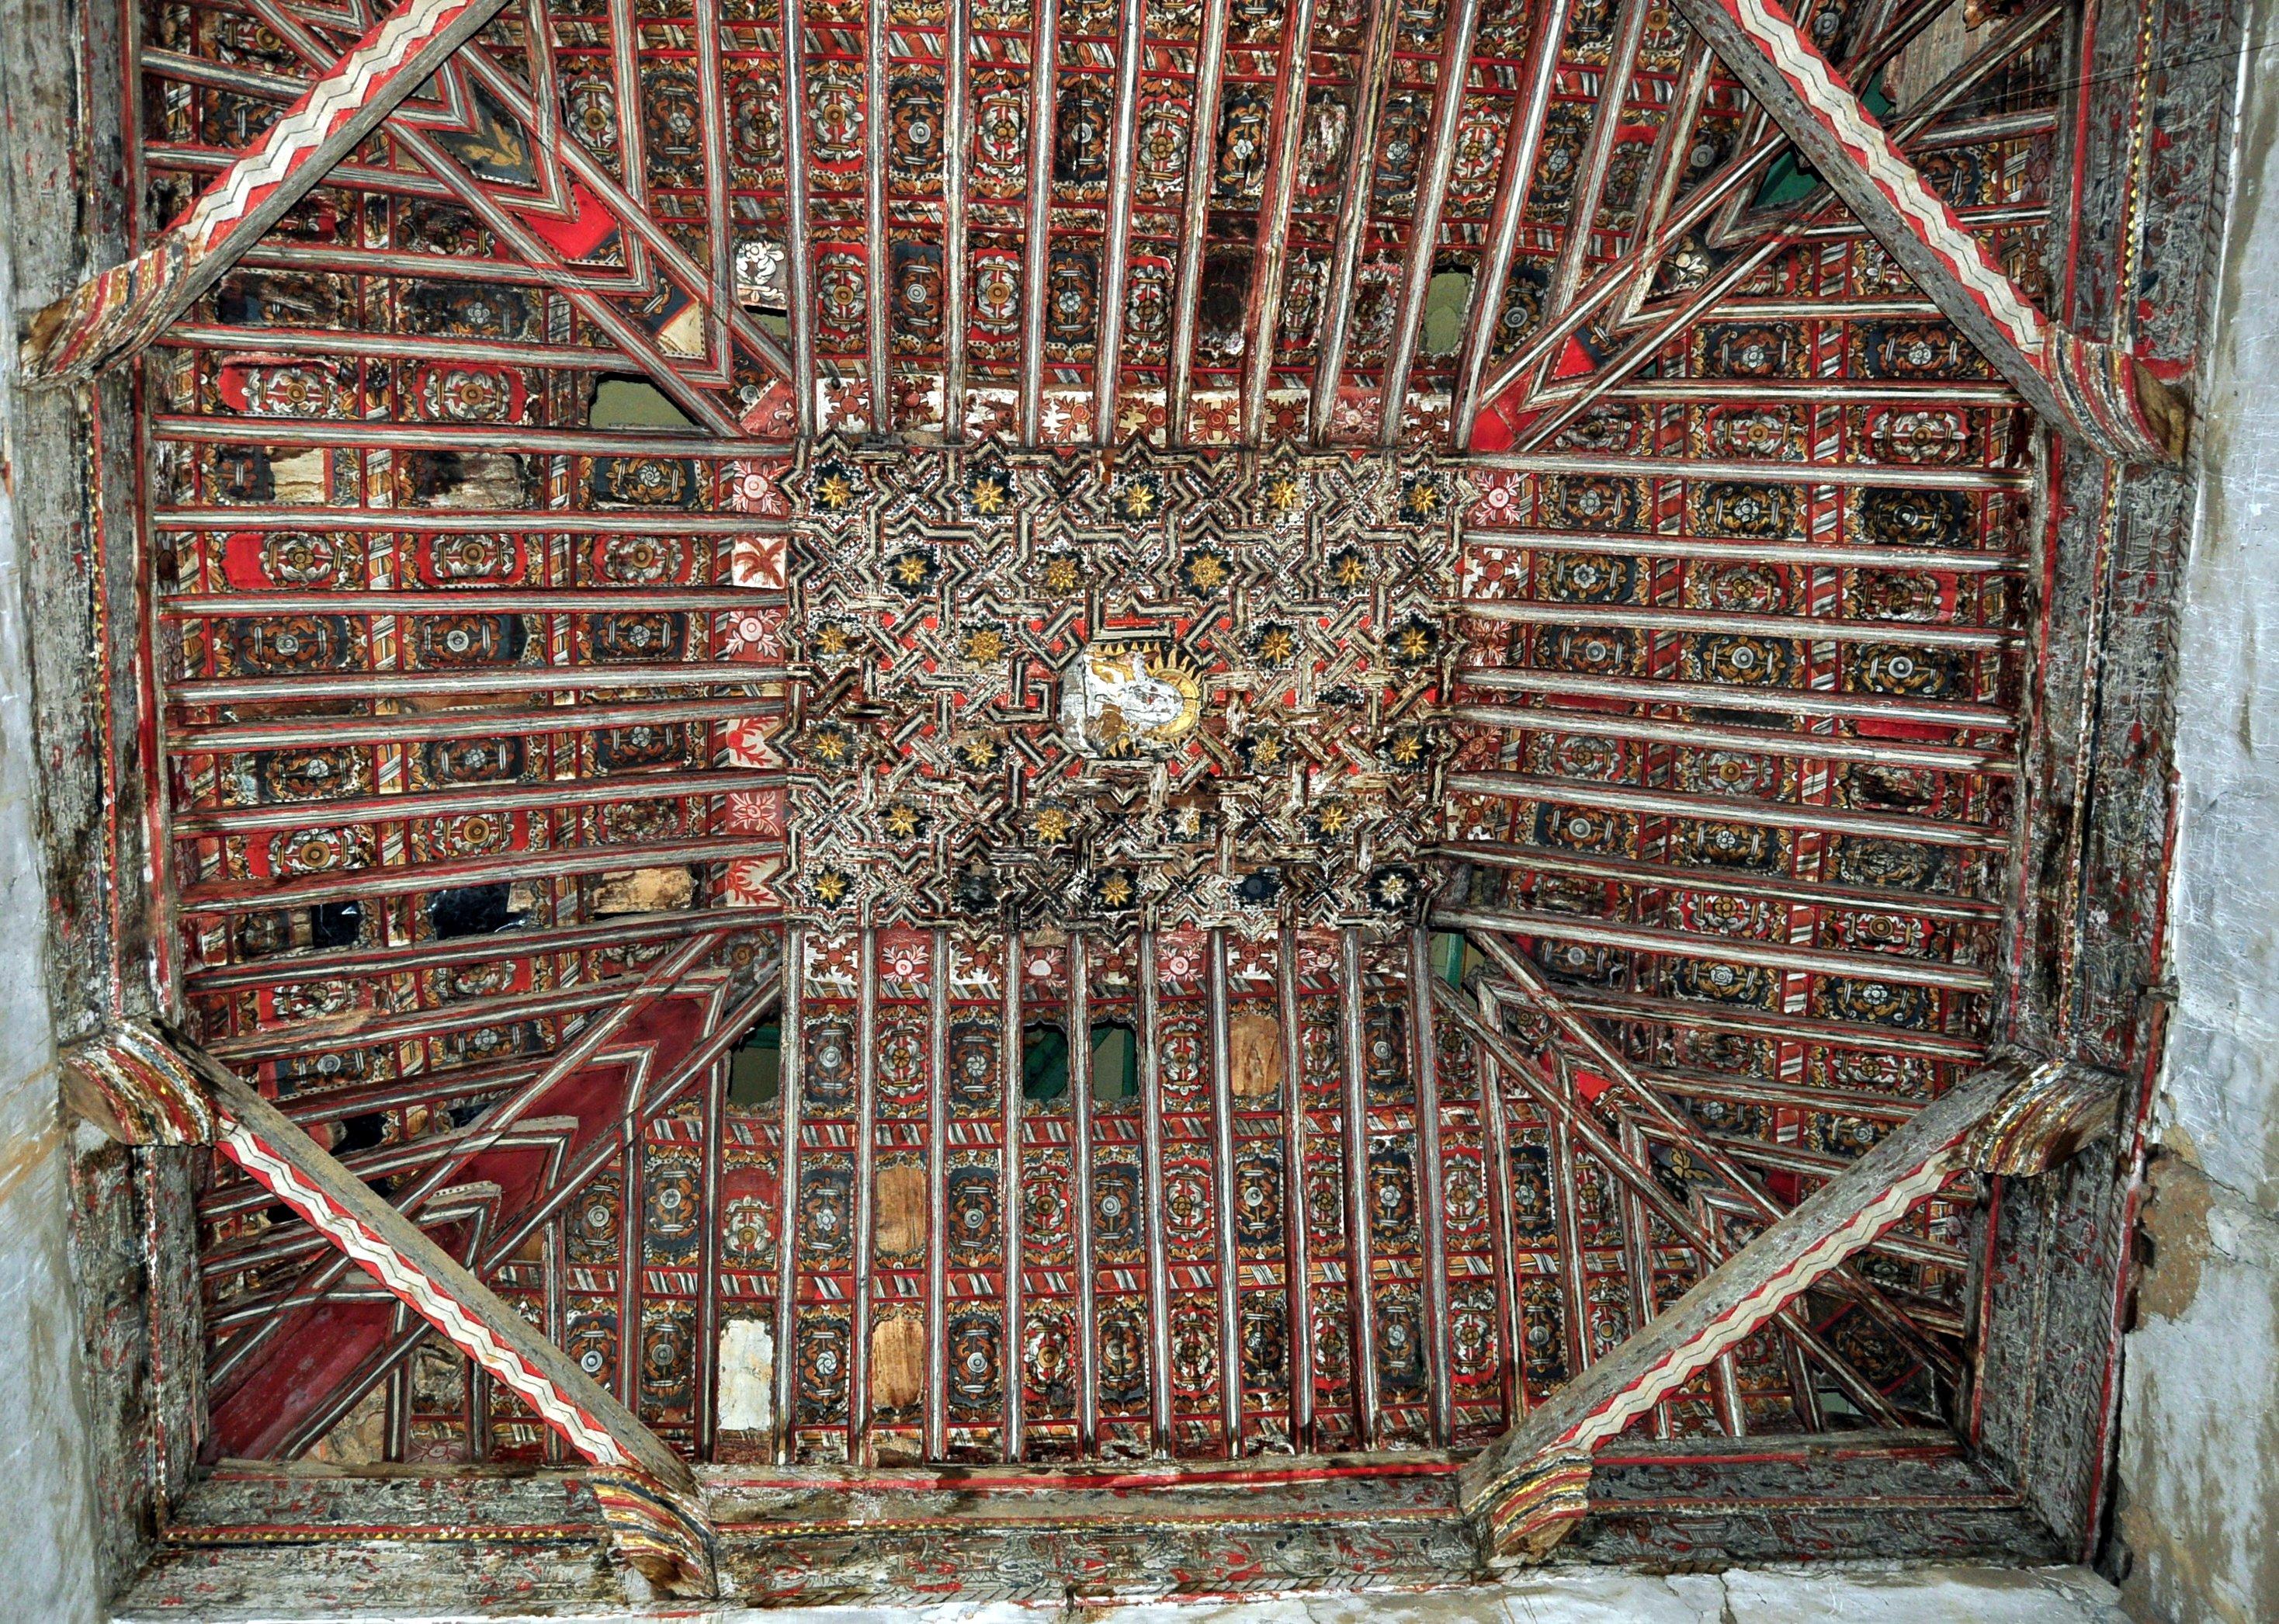 Villacé. Extraordinario artesonado de capilla interior, en penoso estado (foto David GL)